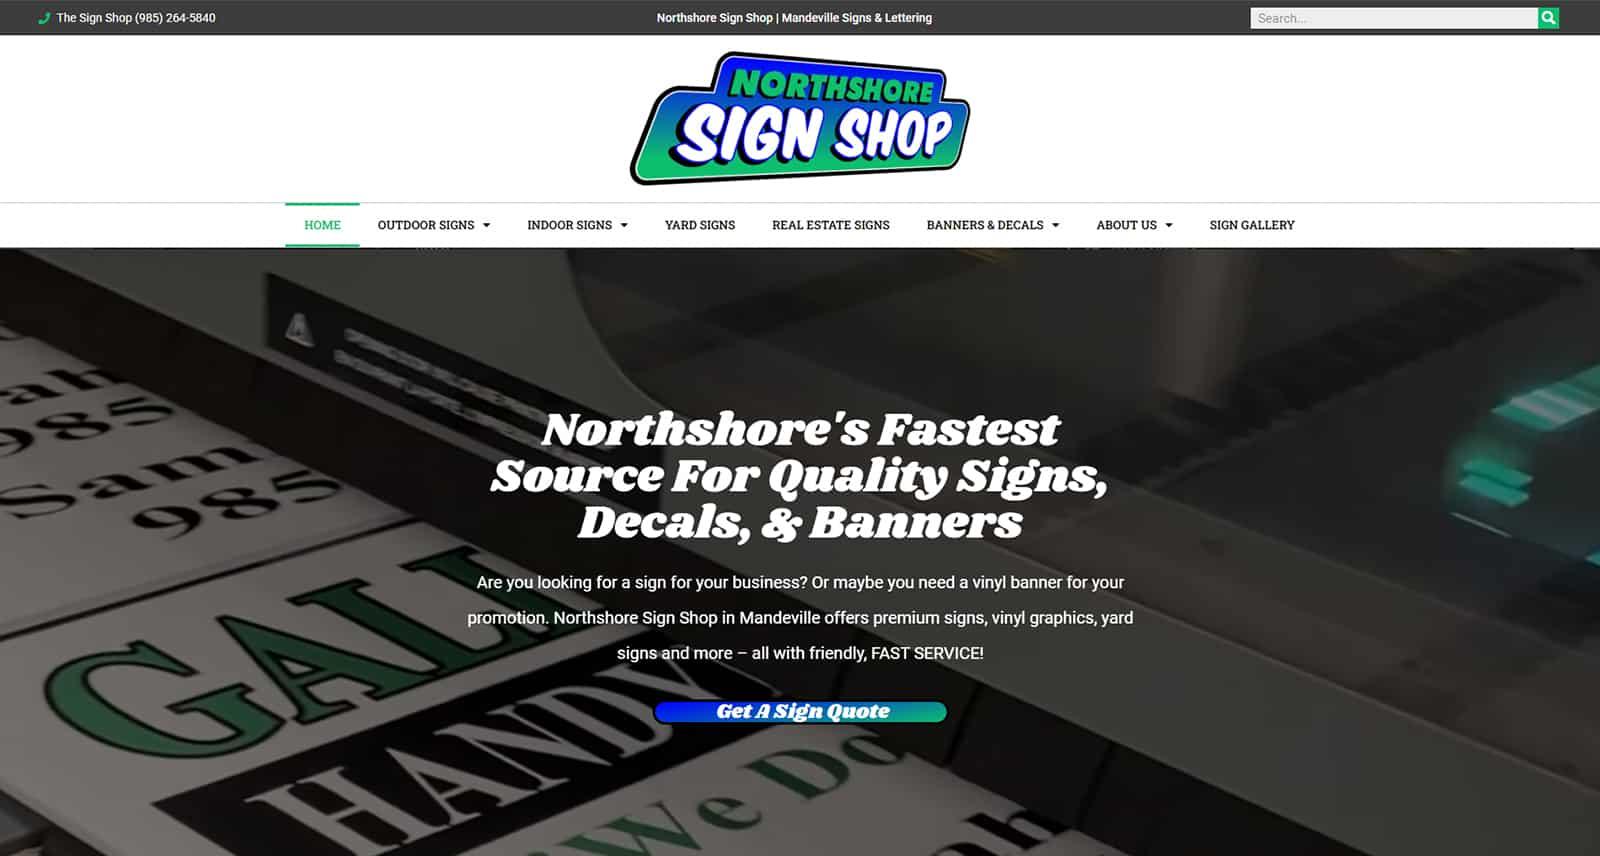 Northshore Sign Shop Website After